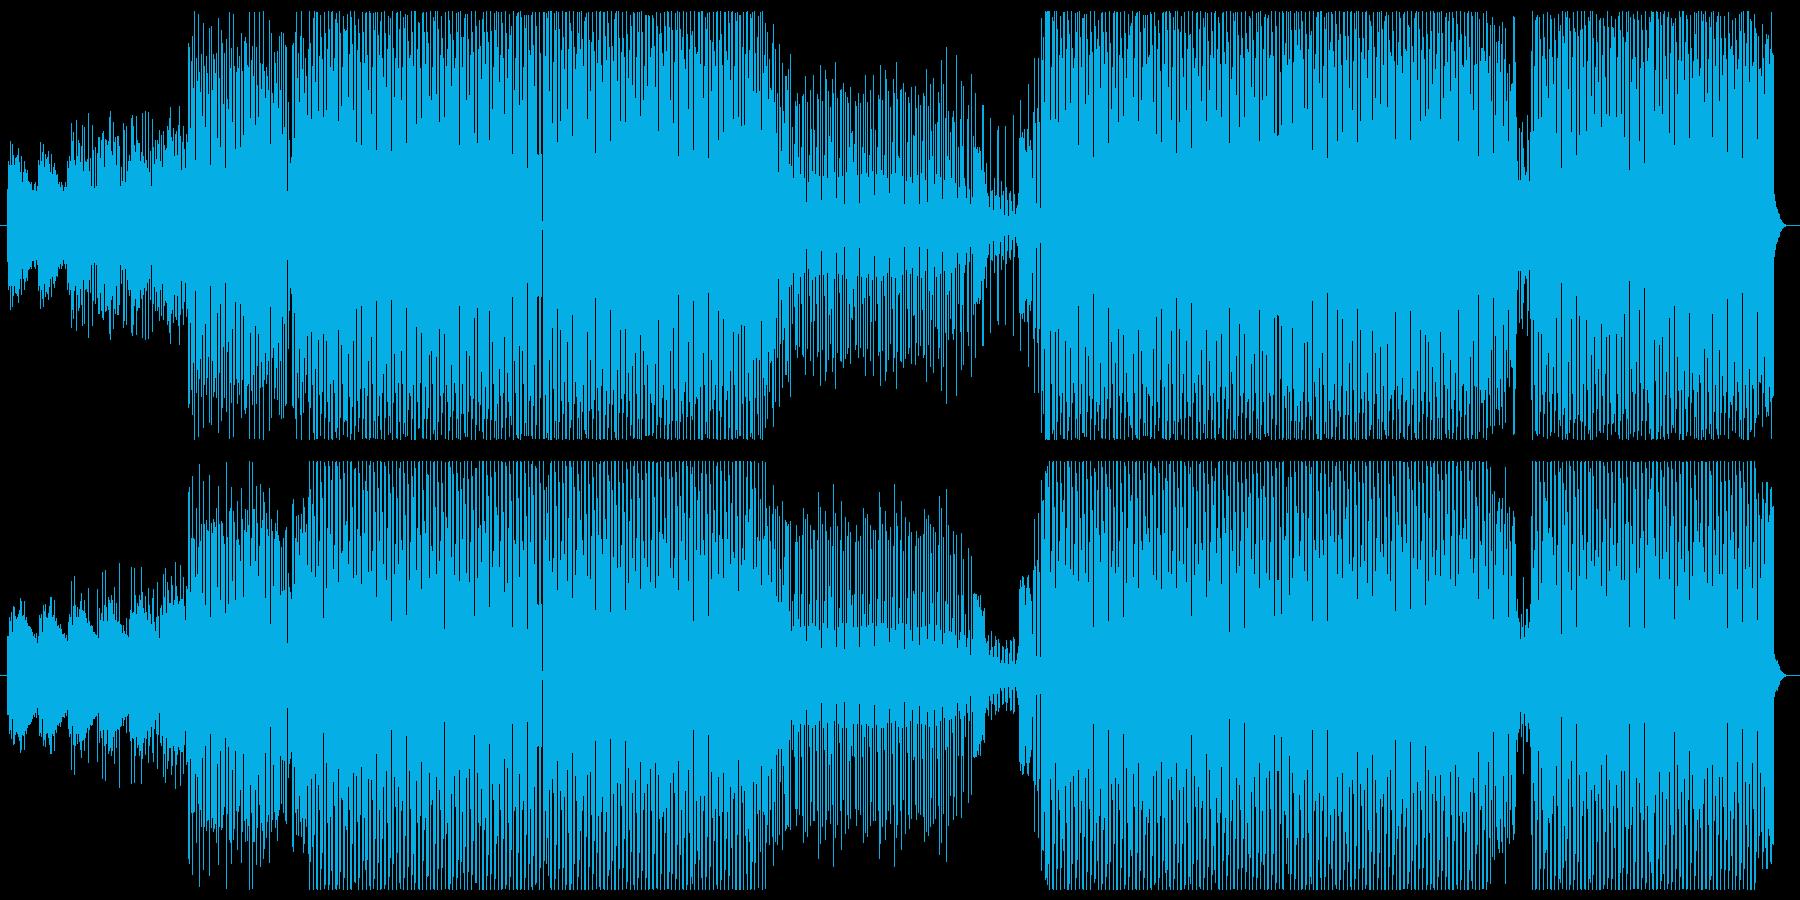 ファション系イベント向けかっこいいテクノの再生済みの波形